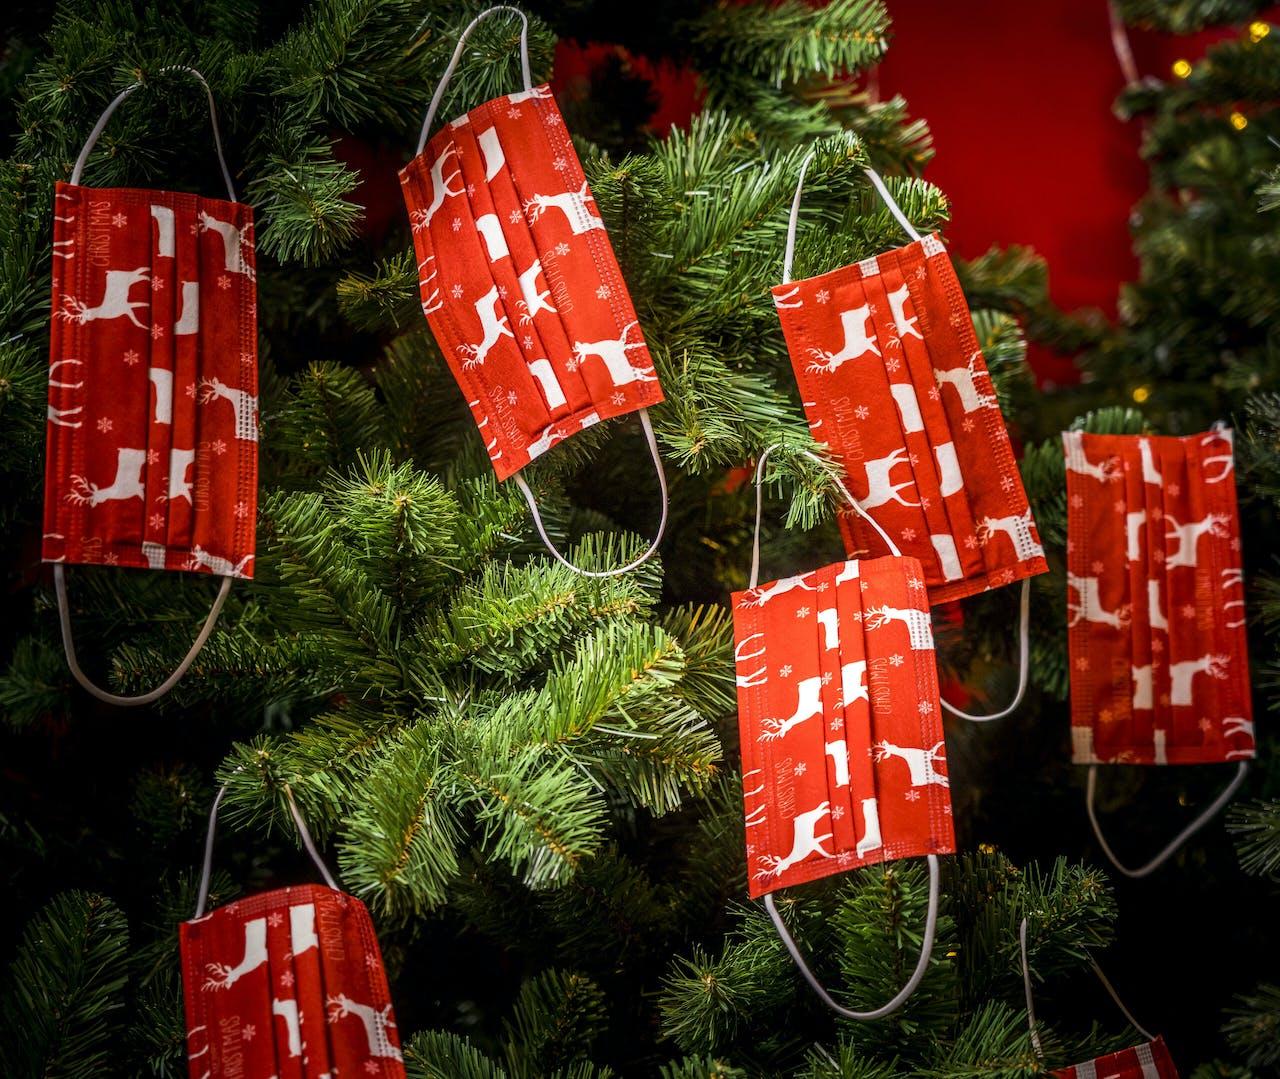 DEN HAAG - Mondkapjes in een kerstboom. Tijdens de feestdagen spelen veel ondernemers in op het verkopen van kerstartikelen die inhaken op het coronavirus. ANP XTRA LEX VAN LIESHOUT